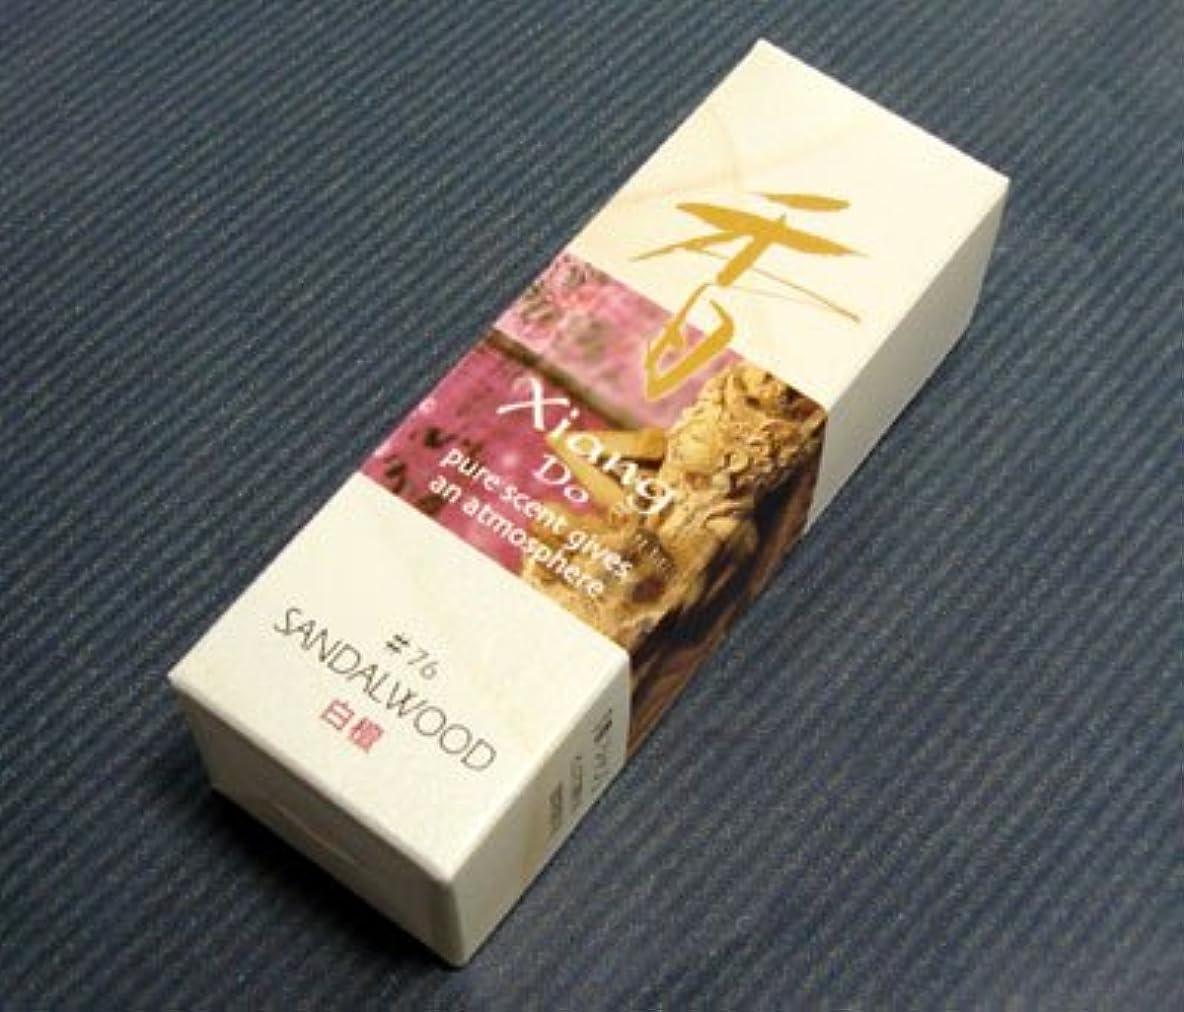 考えできる散歩ピュアな白檀の香り 松栄堂【Xiang Do サンダルウッド】スティック 【お香】